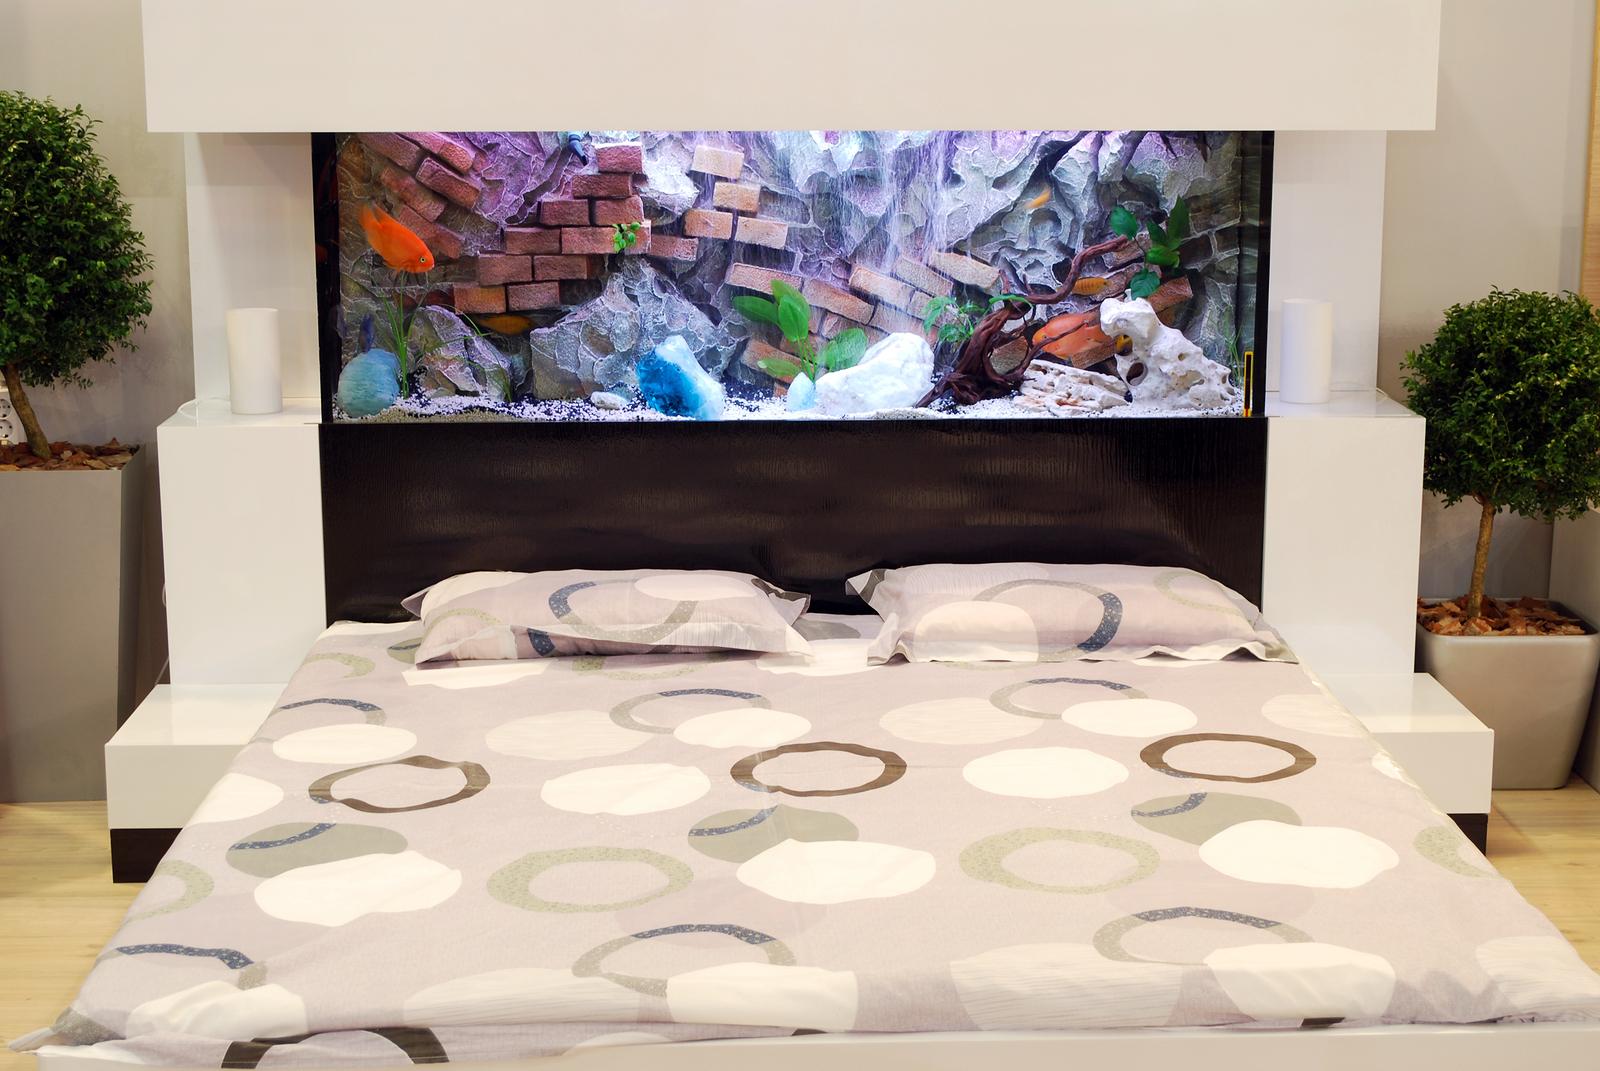 bigstock-bedroom-with-aquarium-over-bed-10883378